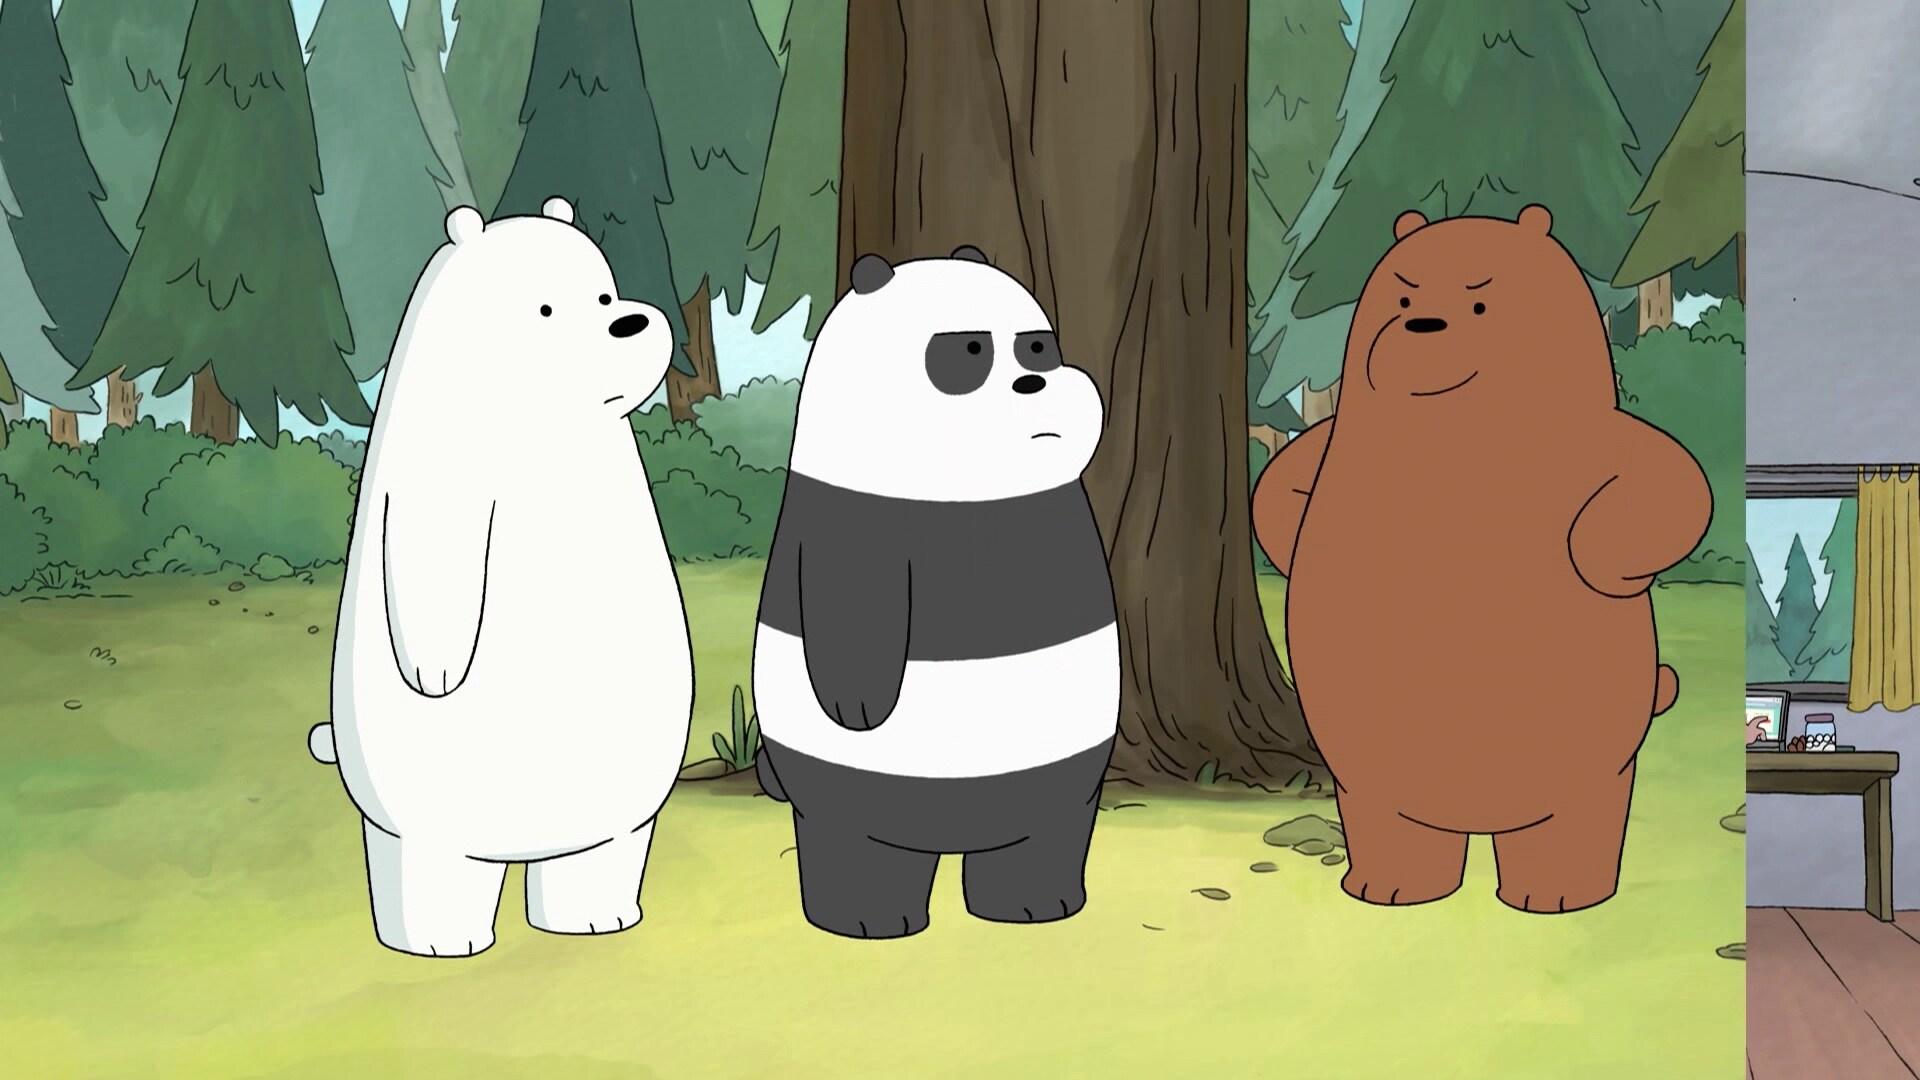 الدببة الثلاثة سهل رسم كرتون نتورك